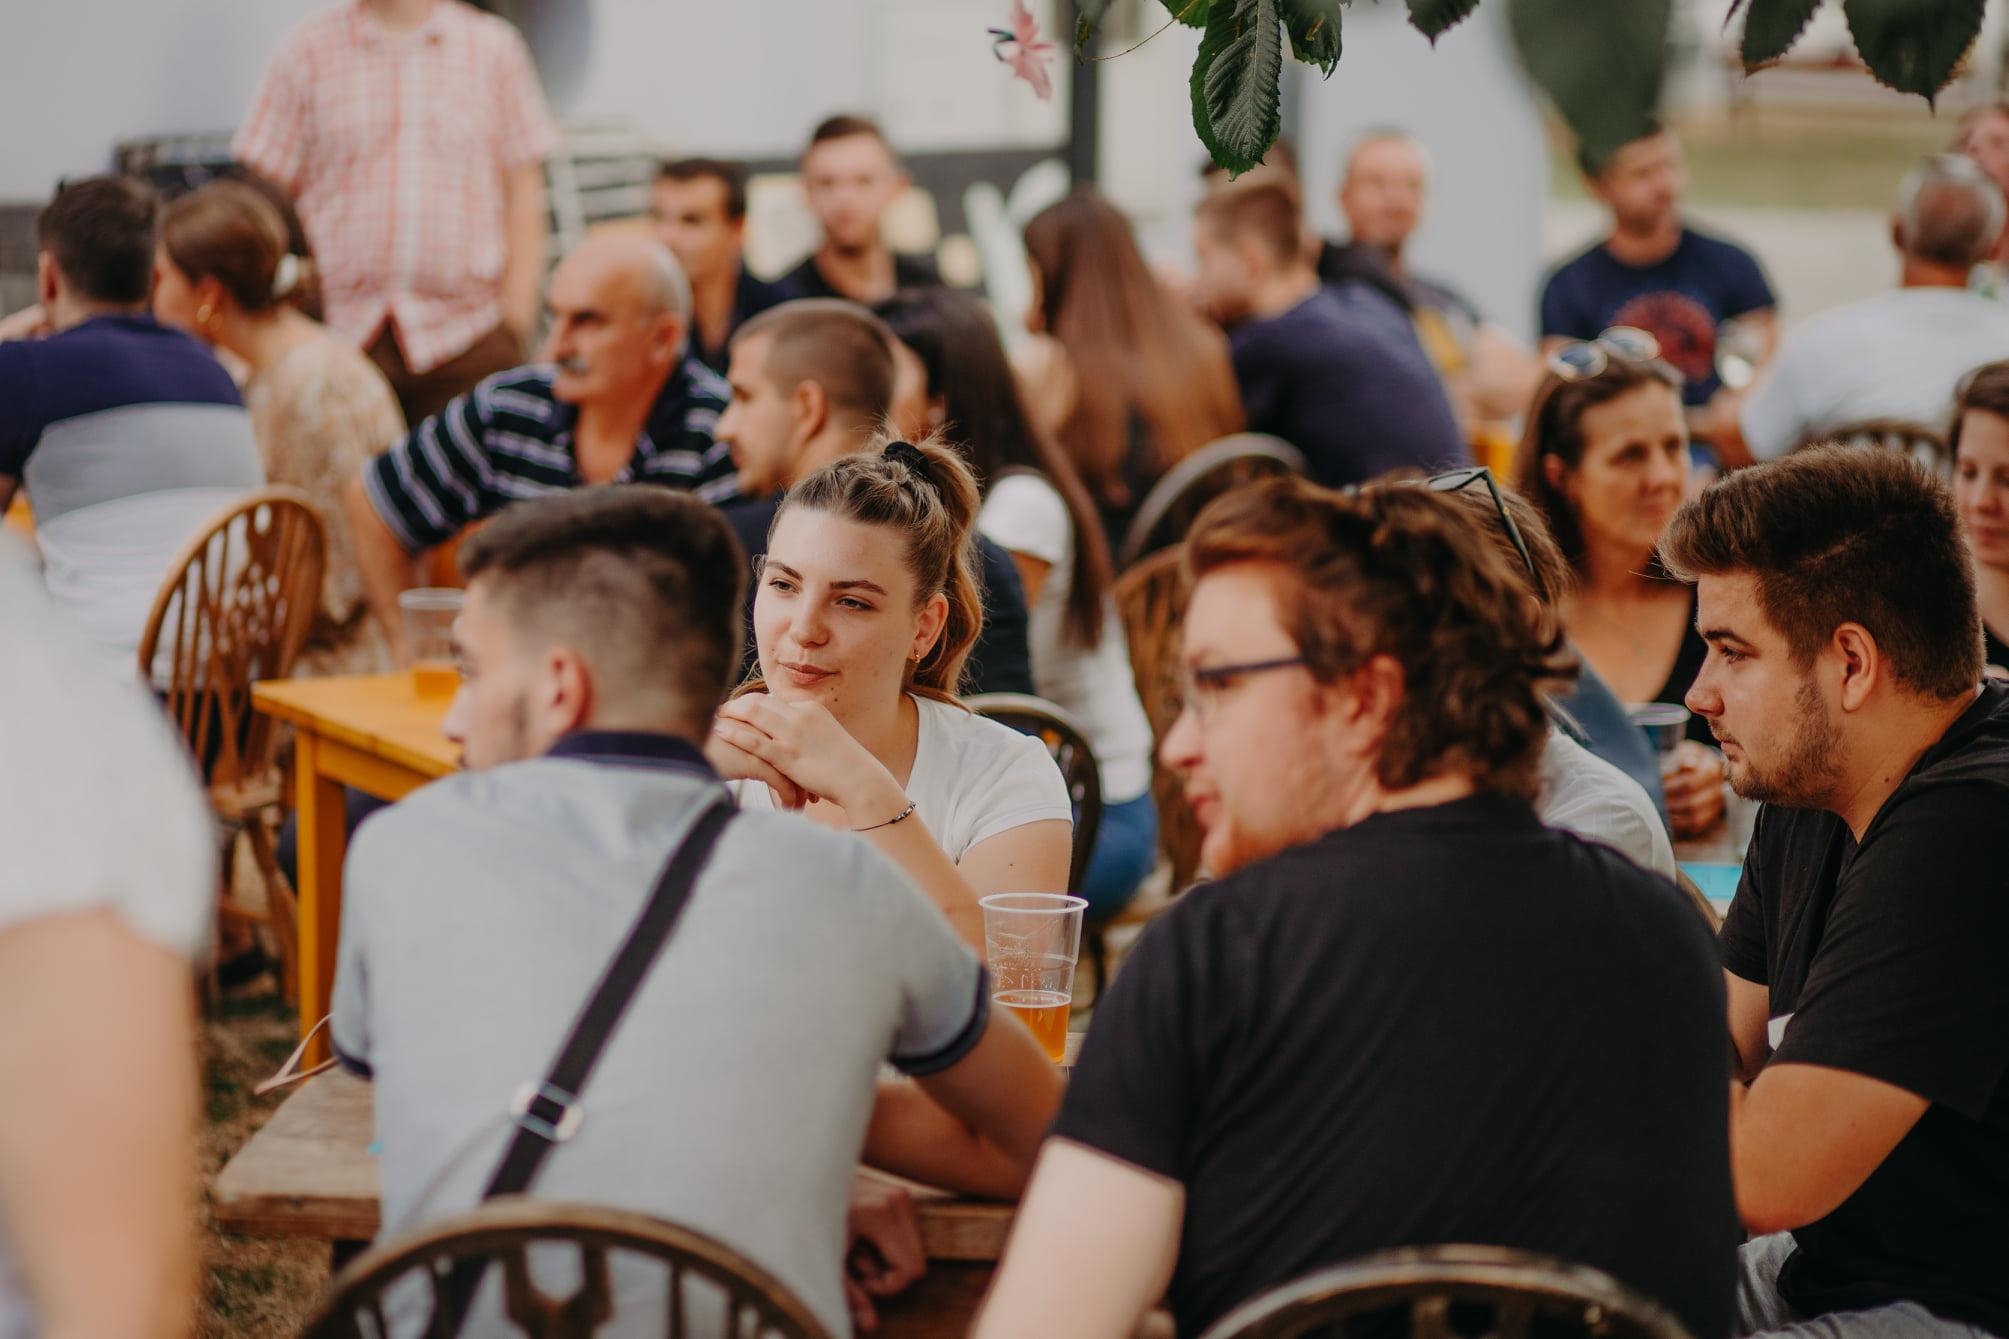 Ljetni pub kviz 2021